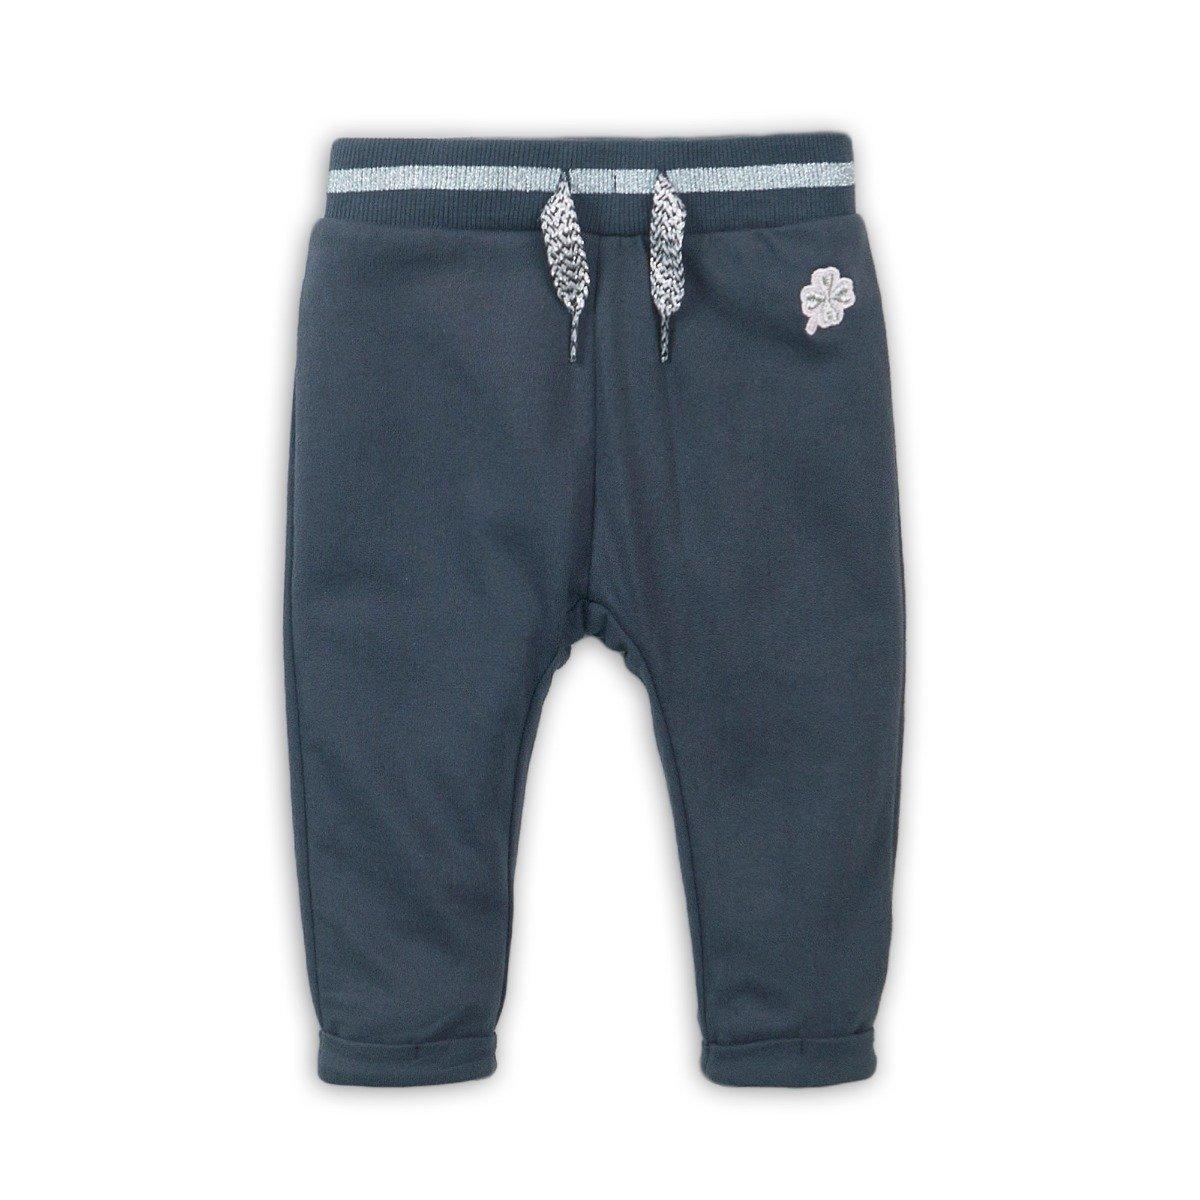 Pantaloni sport cu snur Dirkje, Gri